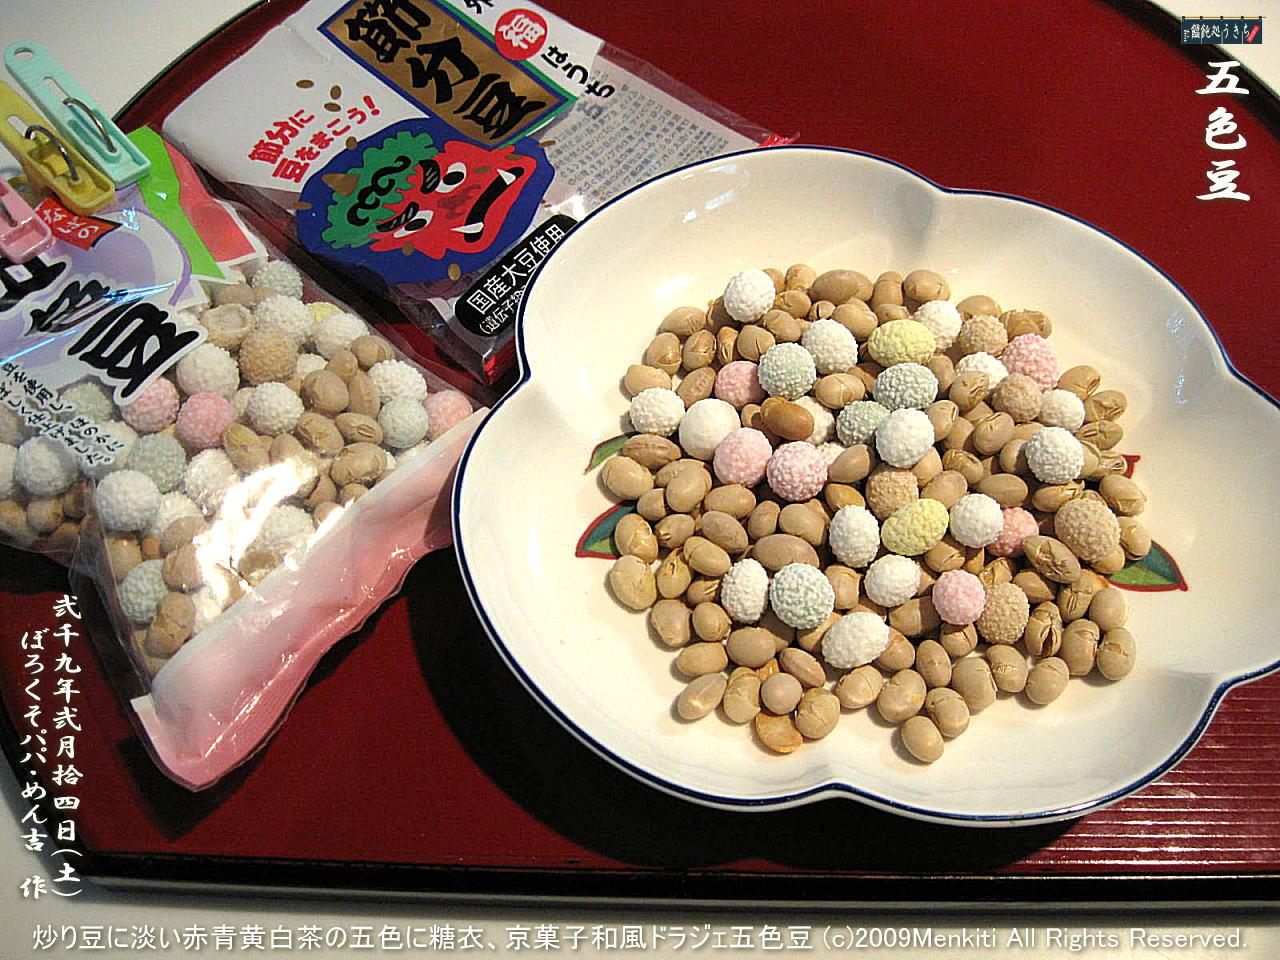 2/14(土)炒り豆に淡い赤青黄白茶の五色に糖衣、京菓子和風ドラジェ五色豆 @キャツピ&めん吉の【ぼろくそパパの独り言】    ▼クリックで1280x960pxlsに拡大します。